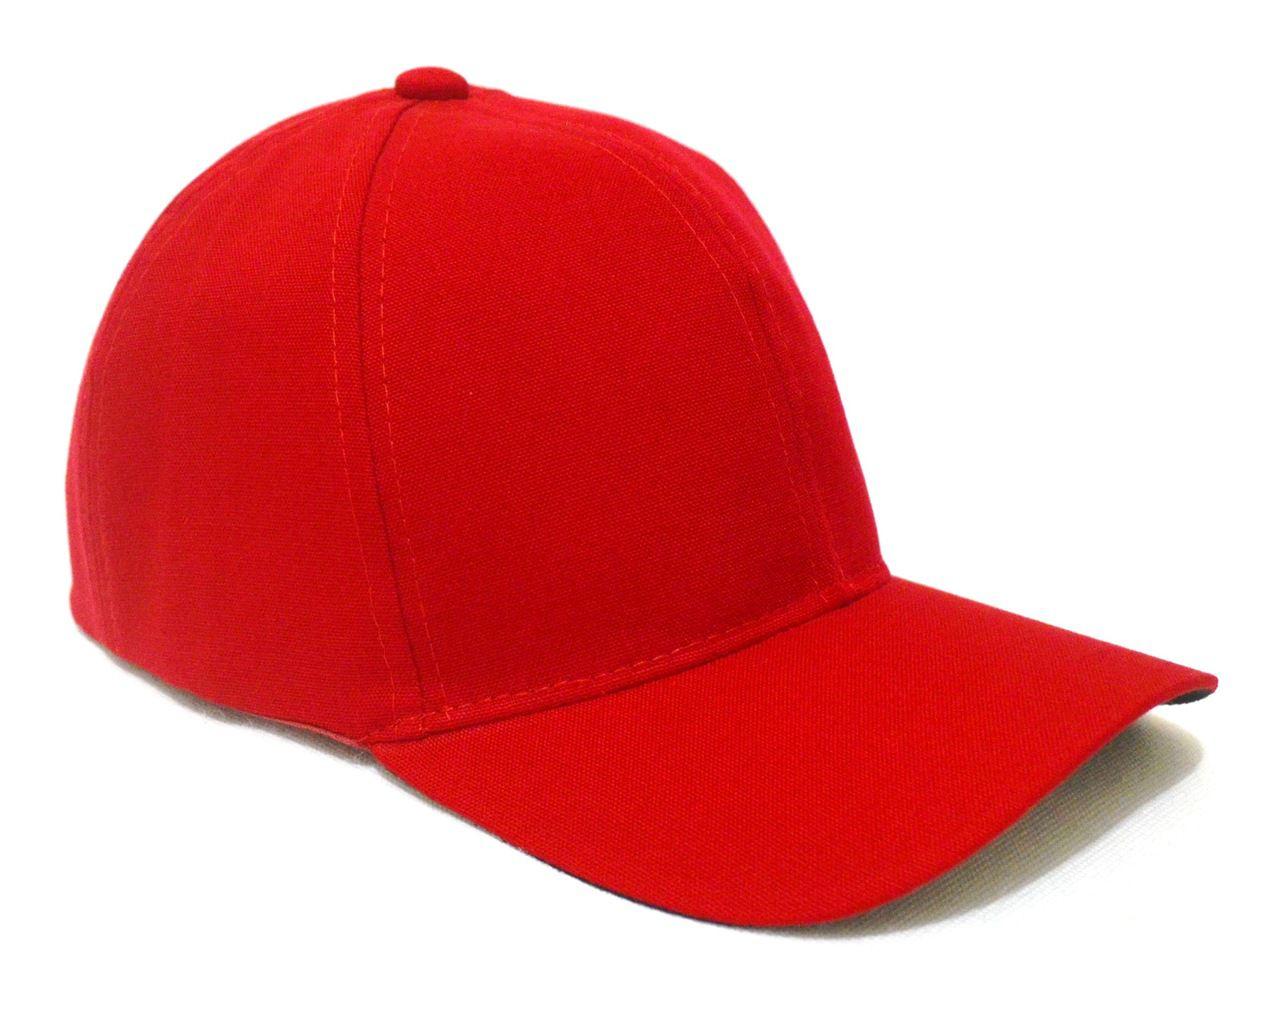 Boné Vermelho Liso Unisex Aba Curva - Super Leve e com Ajuste de Tamanho 432e7c78b91